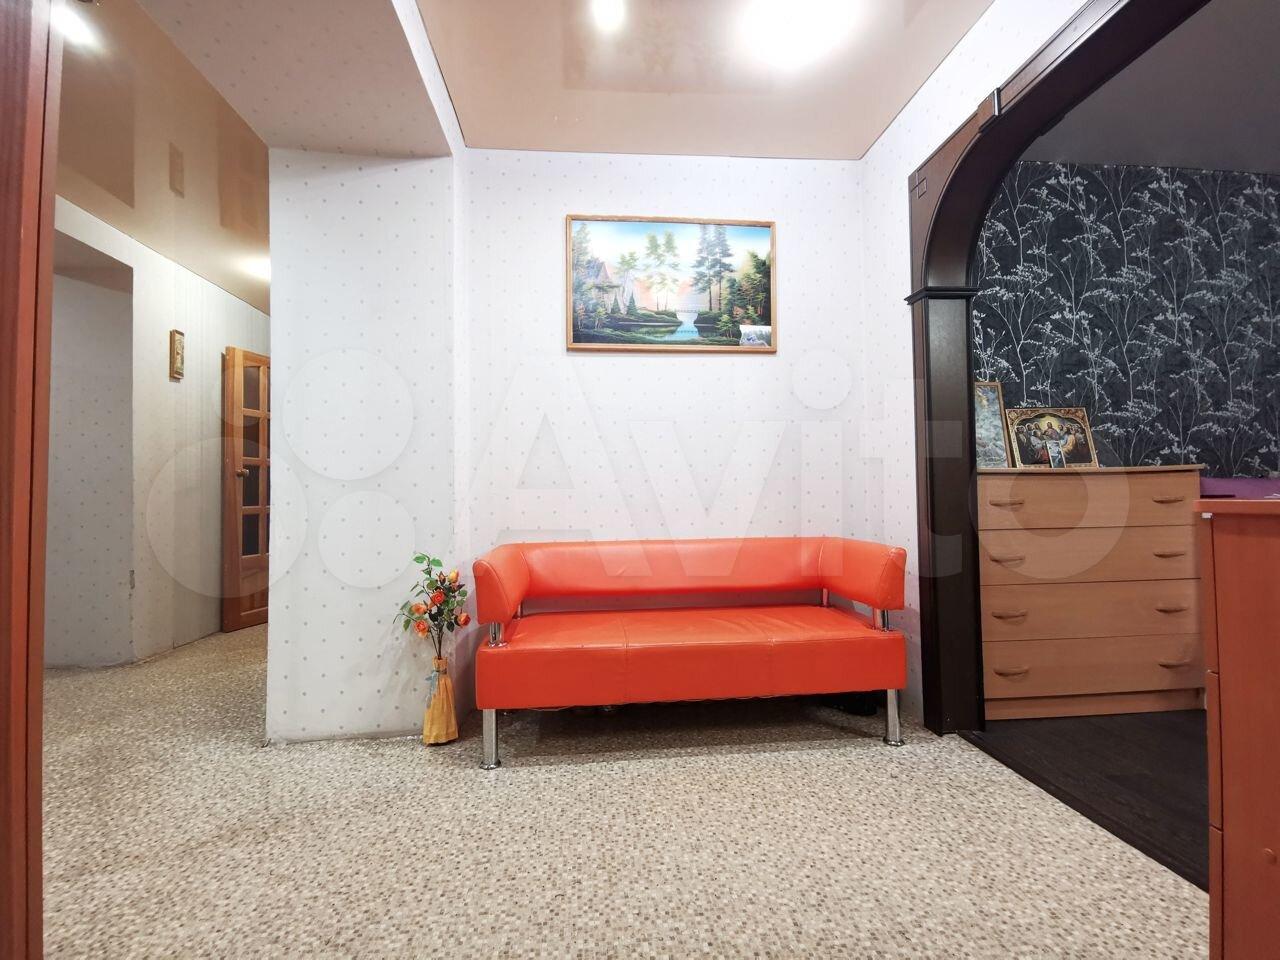 3-к квартира, 87 м², 5/9 эт.  89049805425 купить 4